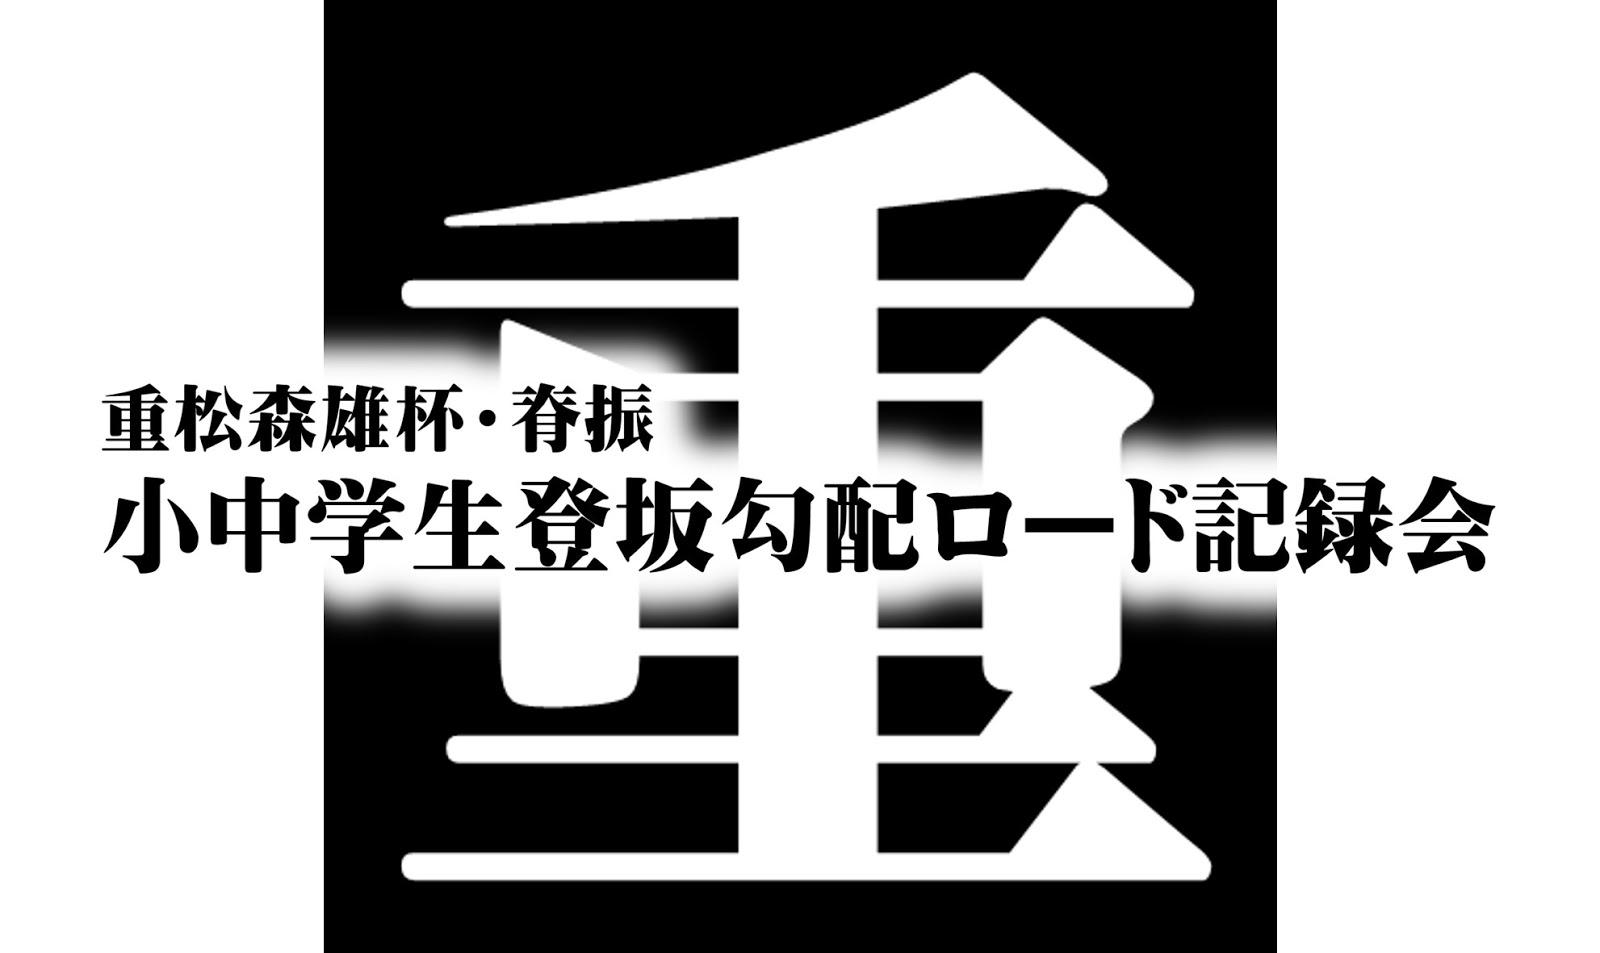 重松森雄杯/脊振/小中学生登坂勾配ロード記録会